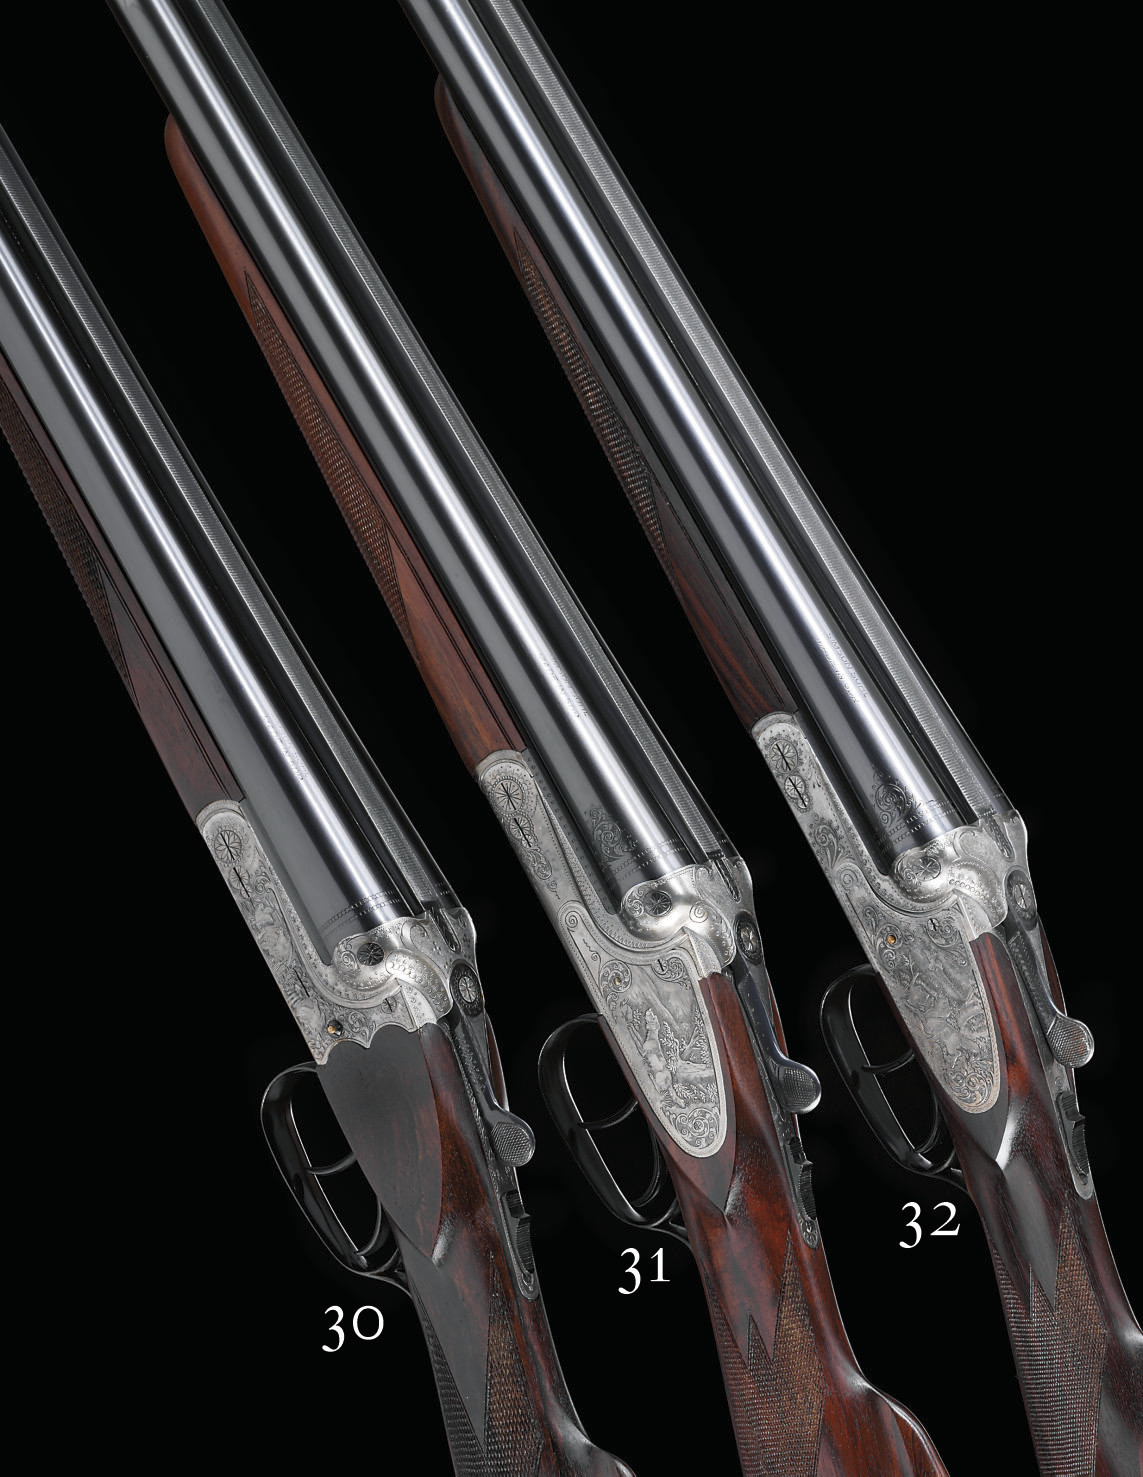 AN AS NEW 12-BORE '74 E' MODEL BOXLOCK EJECTOR GUN BY SIMSON, NO. 794125